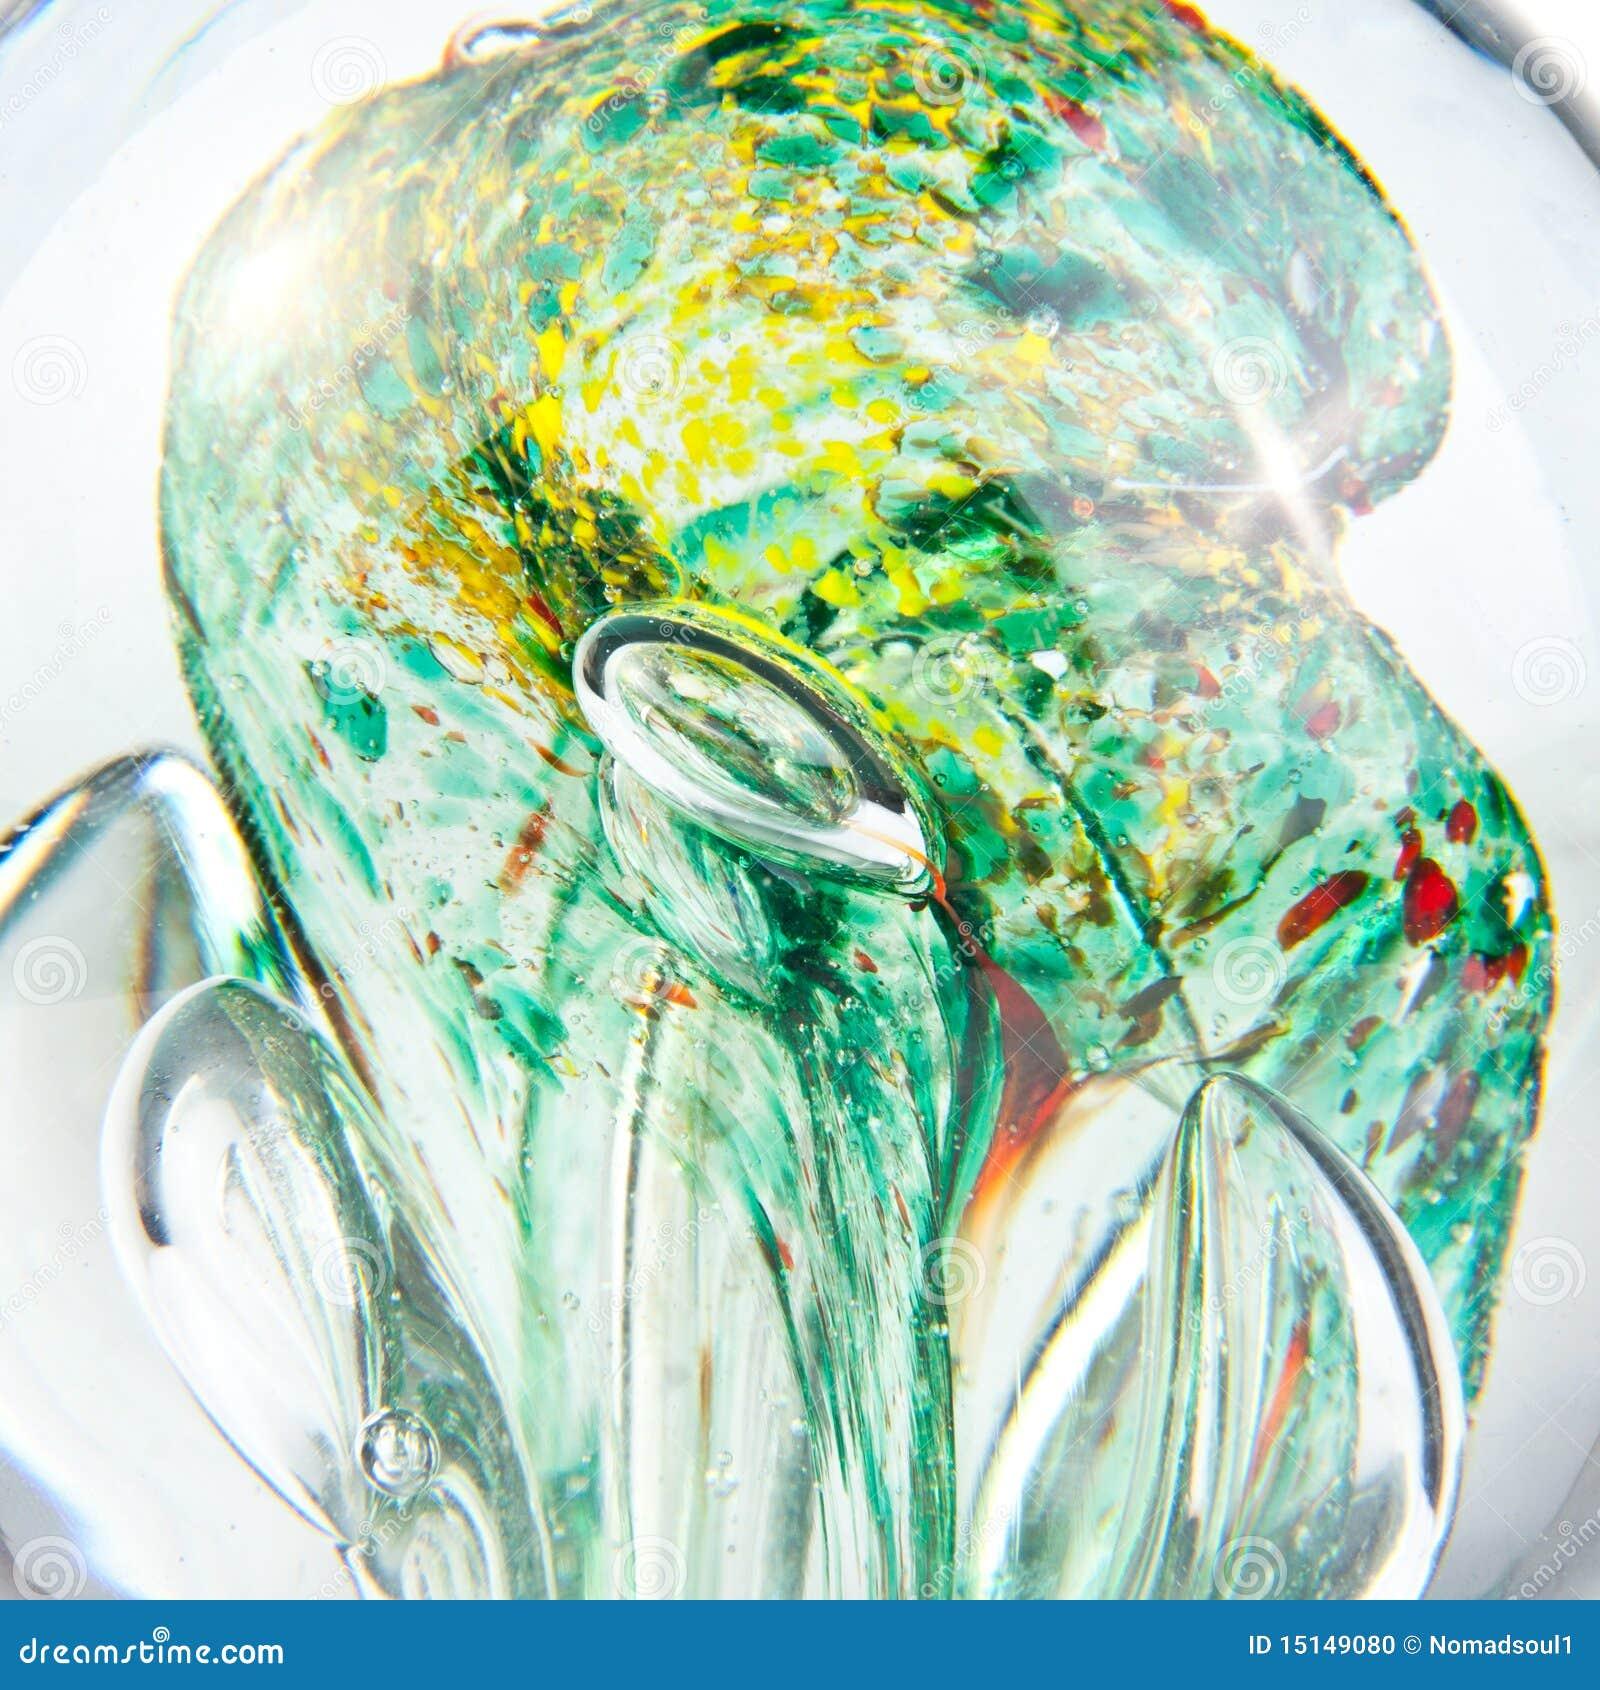 Fondo abstracto de cristal líquido